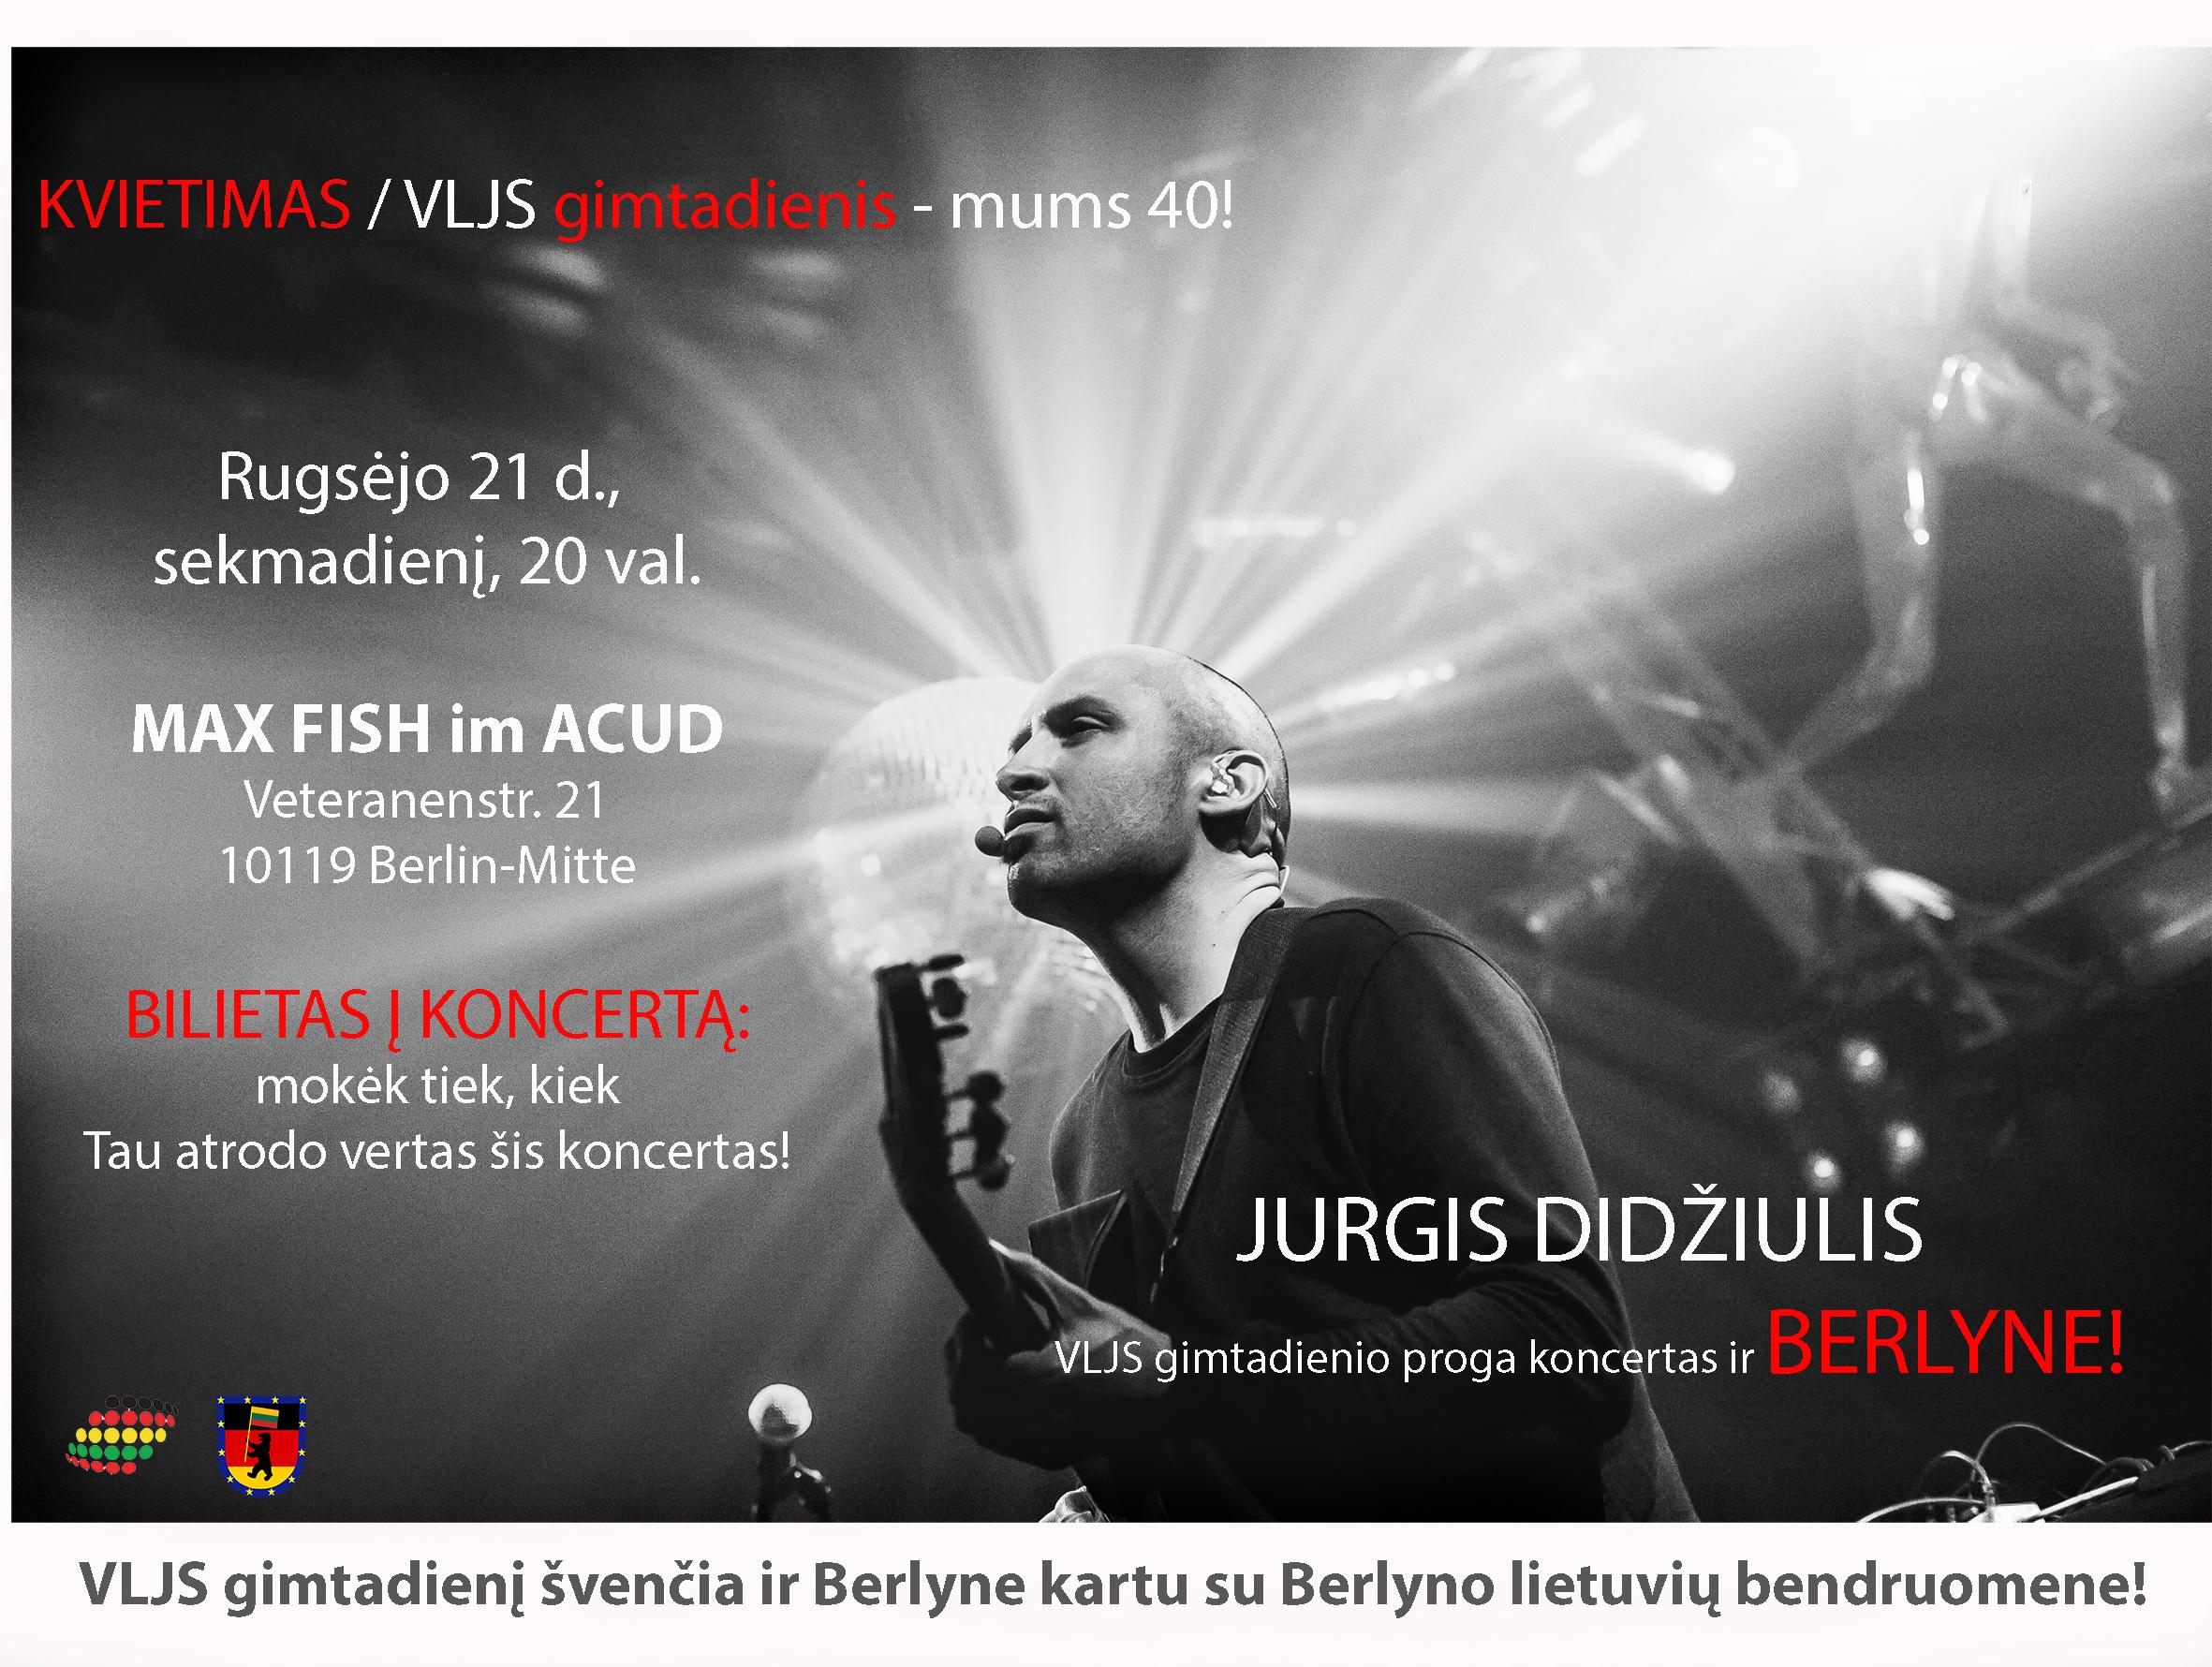 JURGIO DIDŽIULIO koncertas Berlyne!!!